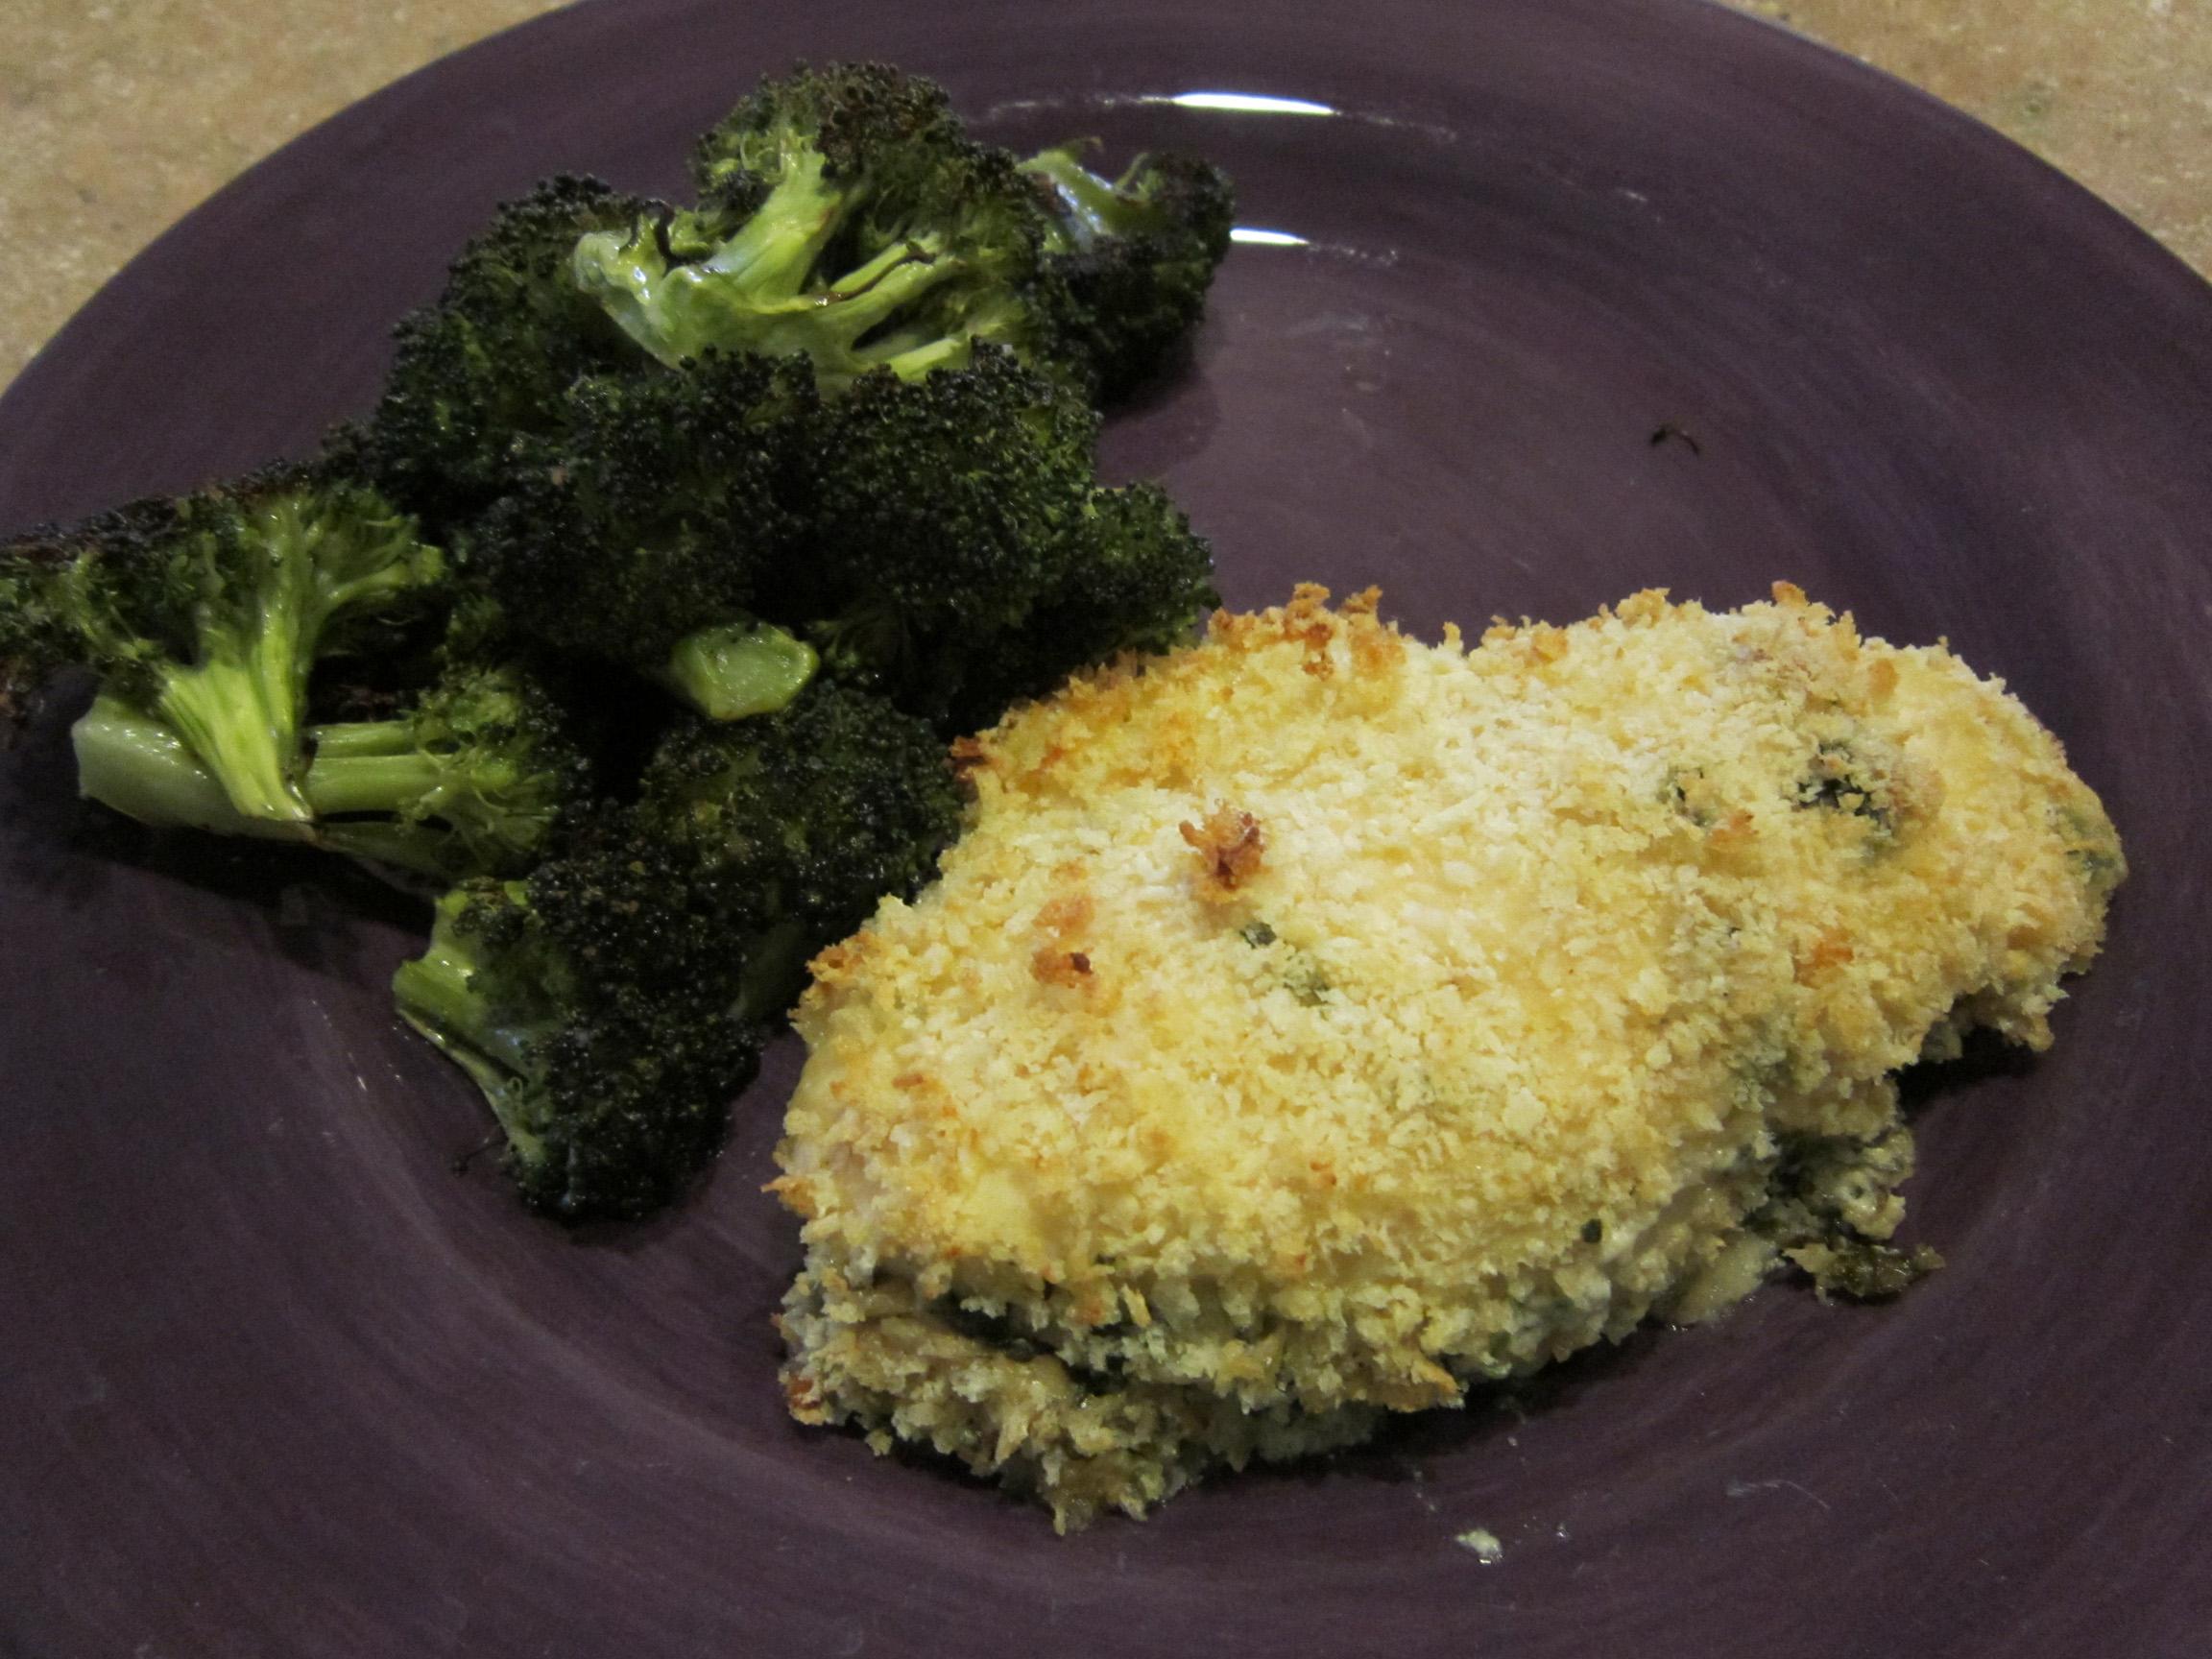 ... chicken chicken breasts leftovers spinach spinach dip stuffed chicken